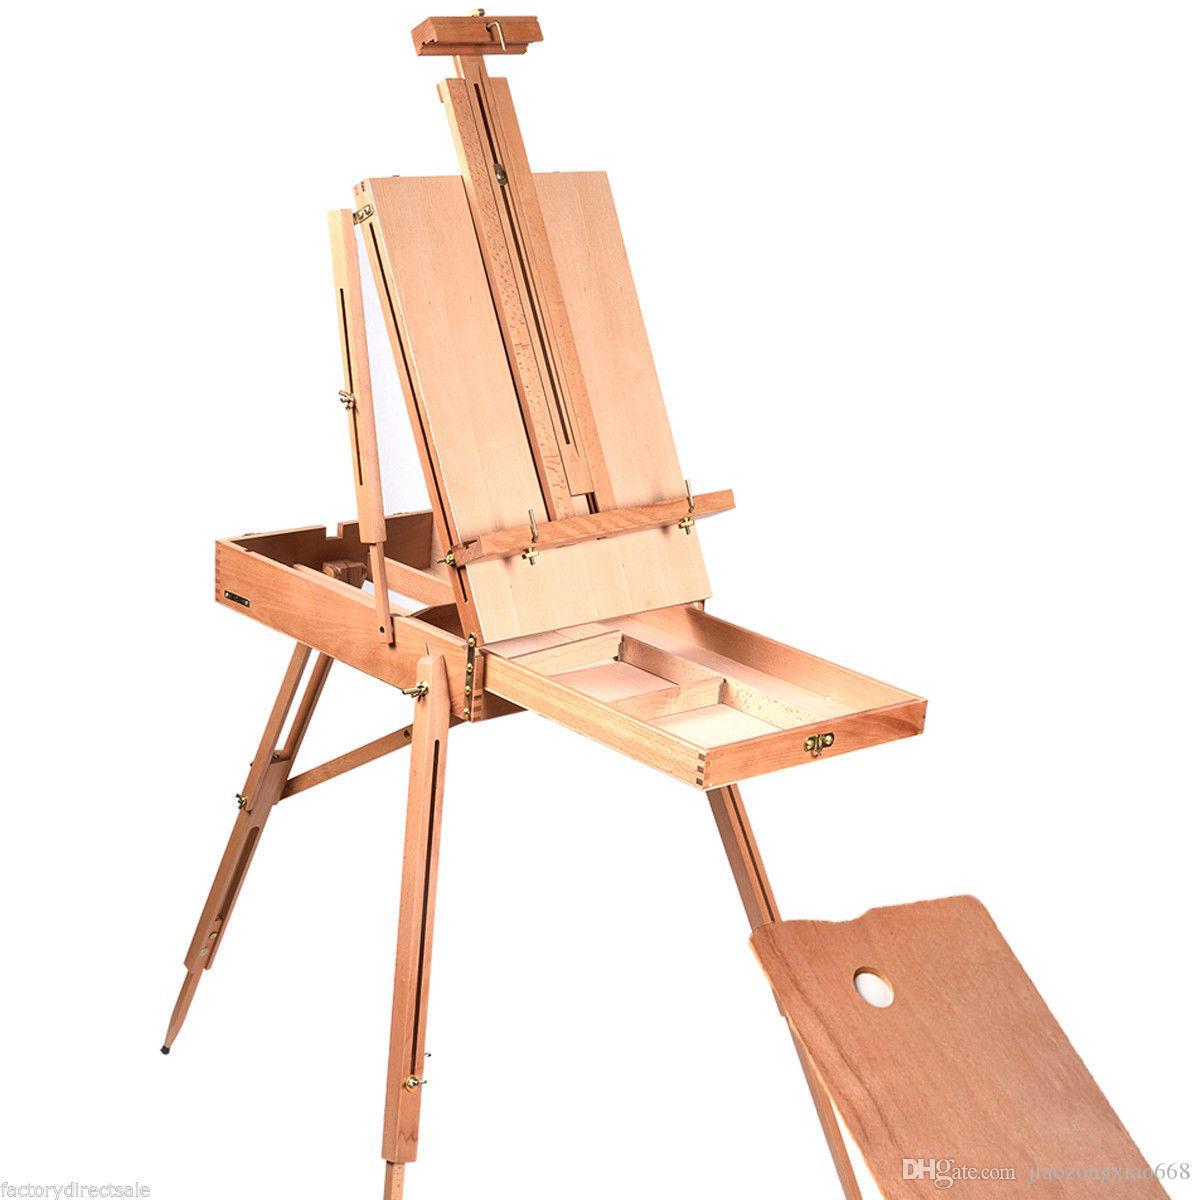 الحامل الخشبي رسم مربع المحمولة قابلة للطي دائم الرسامين الفنان ترايبود